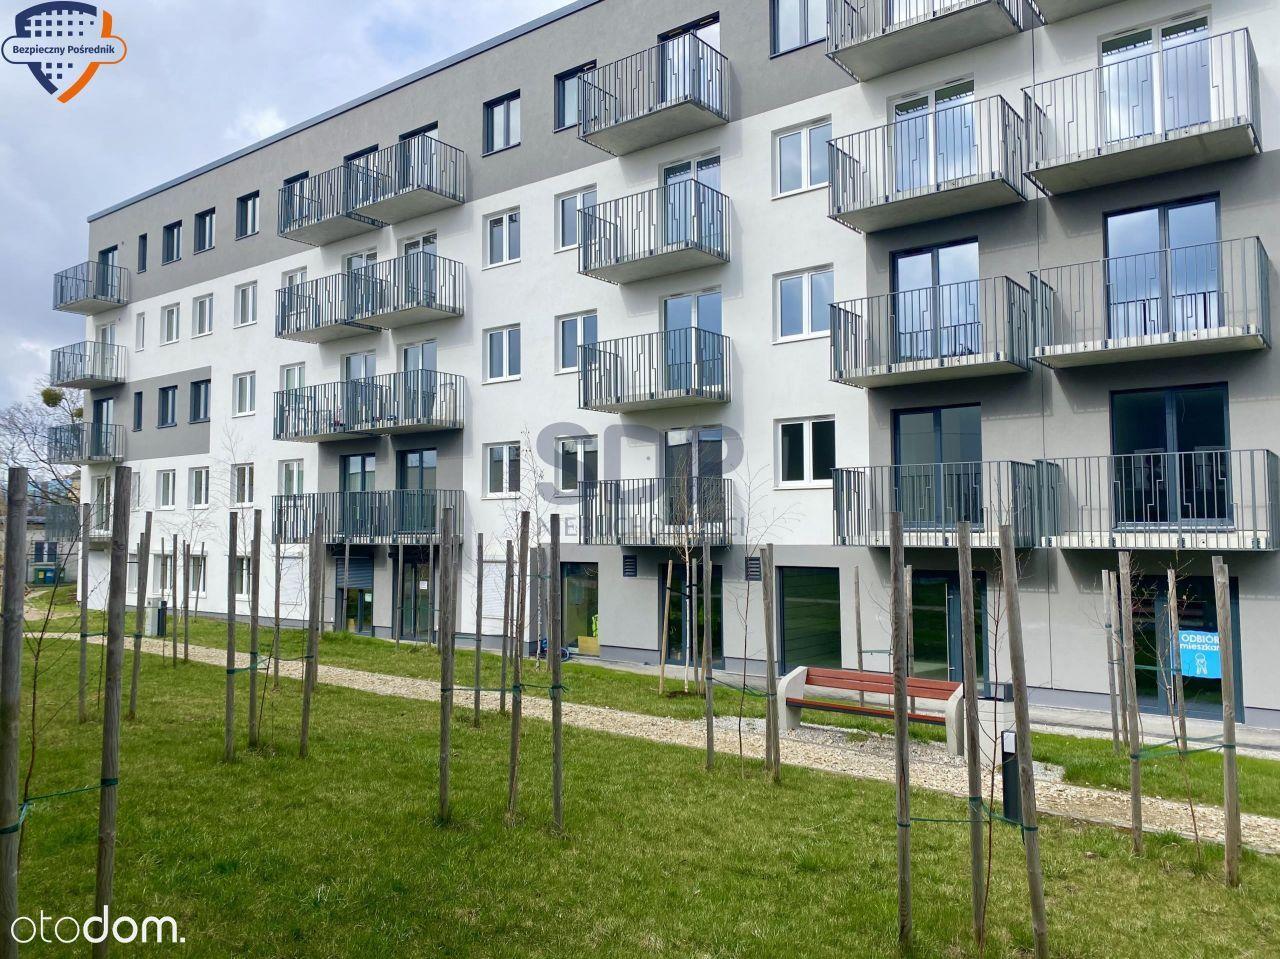 Idealne Mieszkanie Dla Rodziny - 4 Pokoje , Balkon